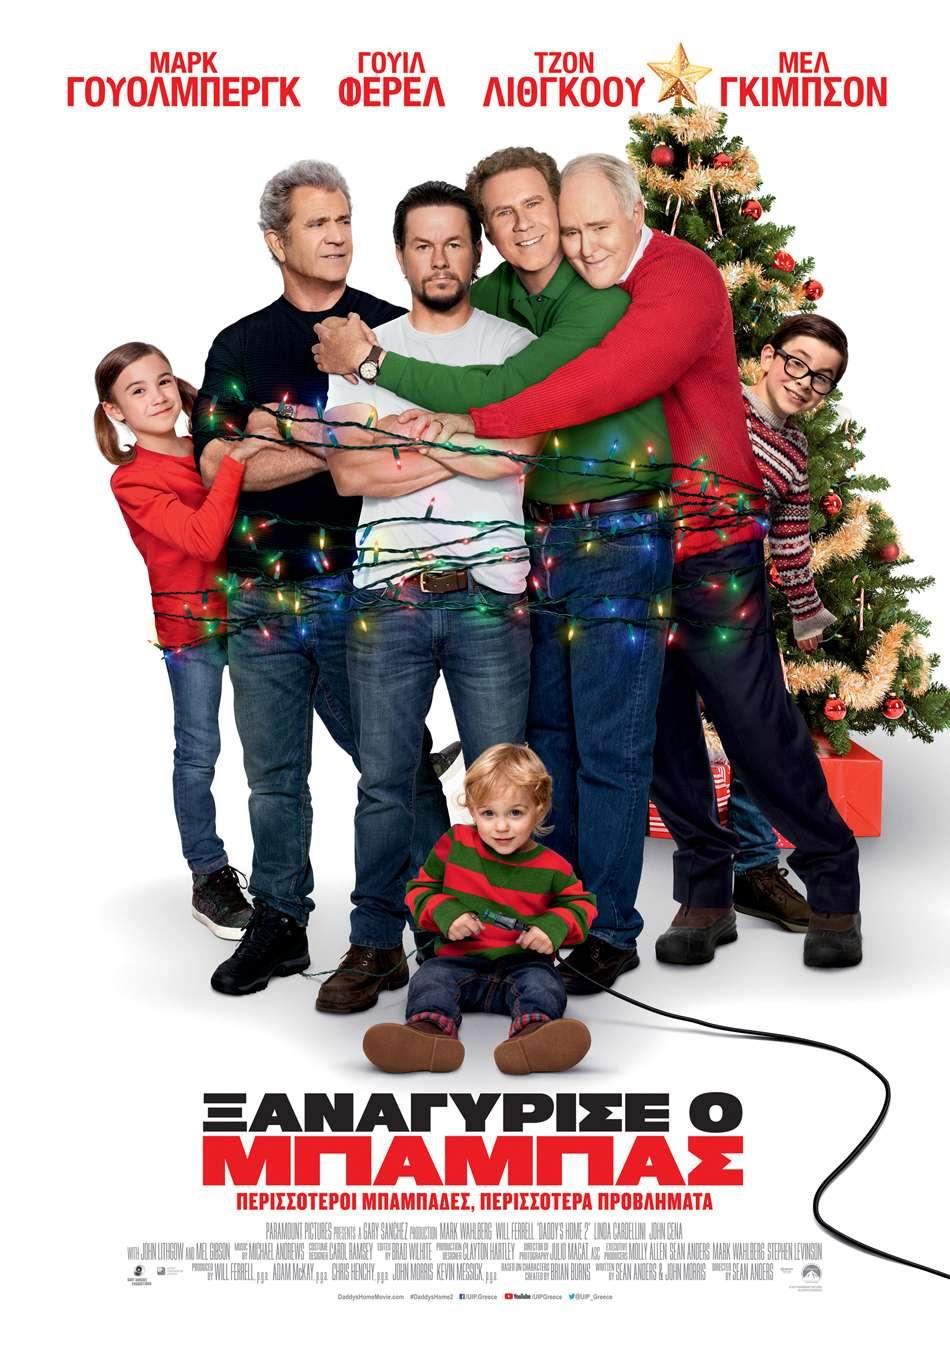 Ξαναγύρισε ο Μπαμπάς (Daddy's Home 2) Poster Πόστερ